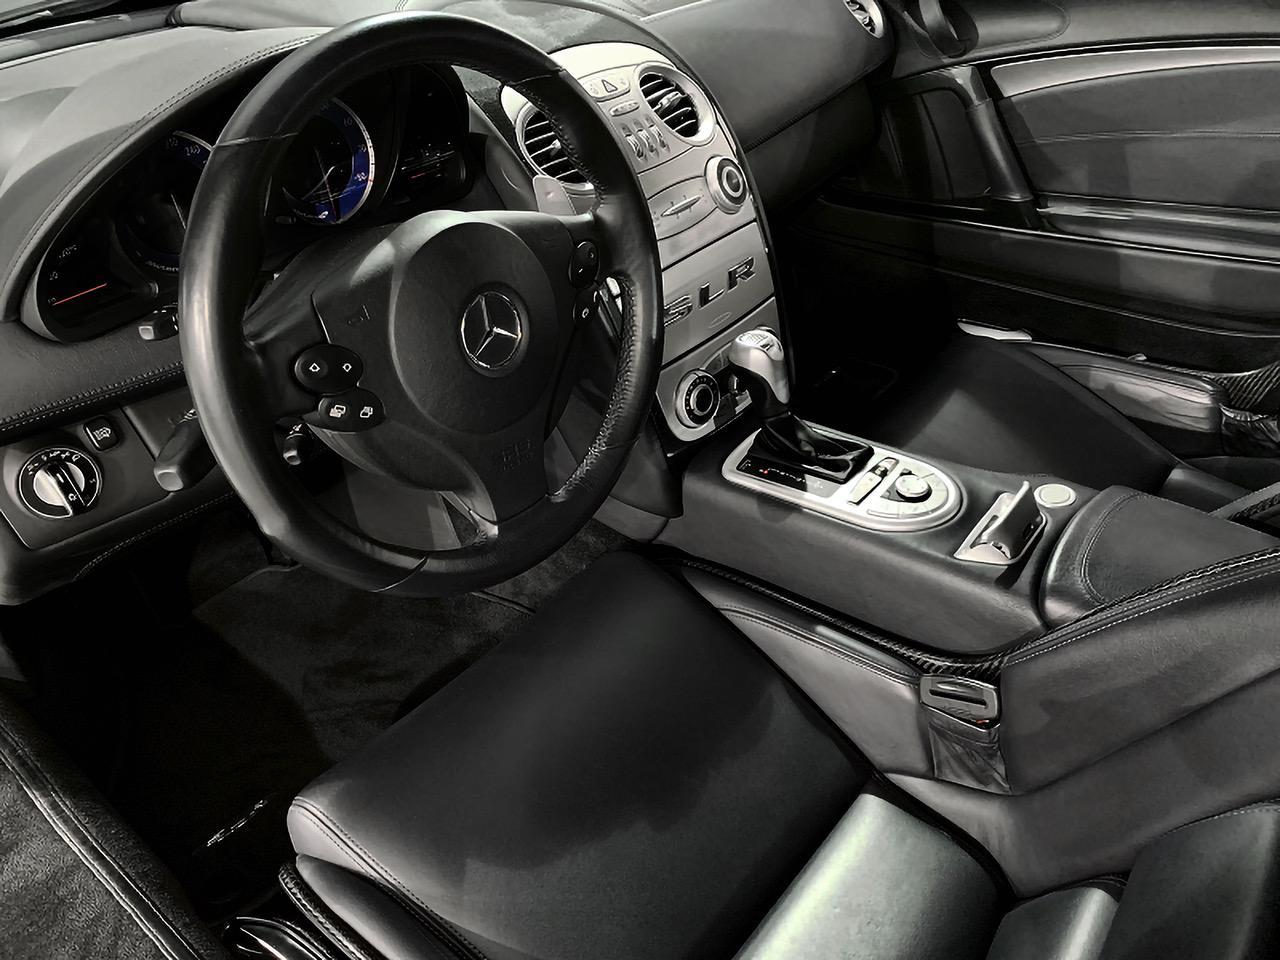 Mercedes-Benz-SLR-Roadster-55-AMG-6